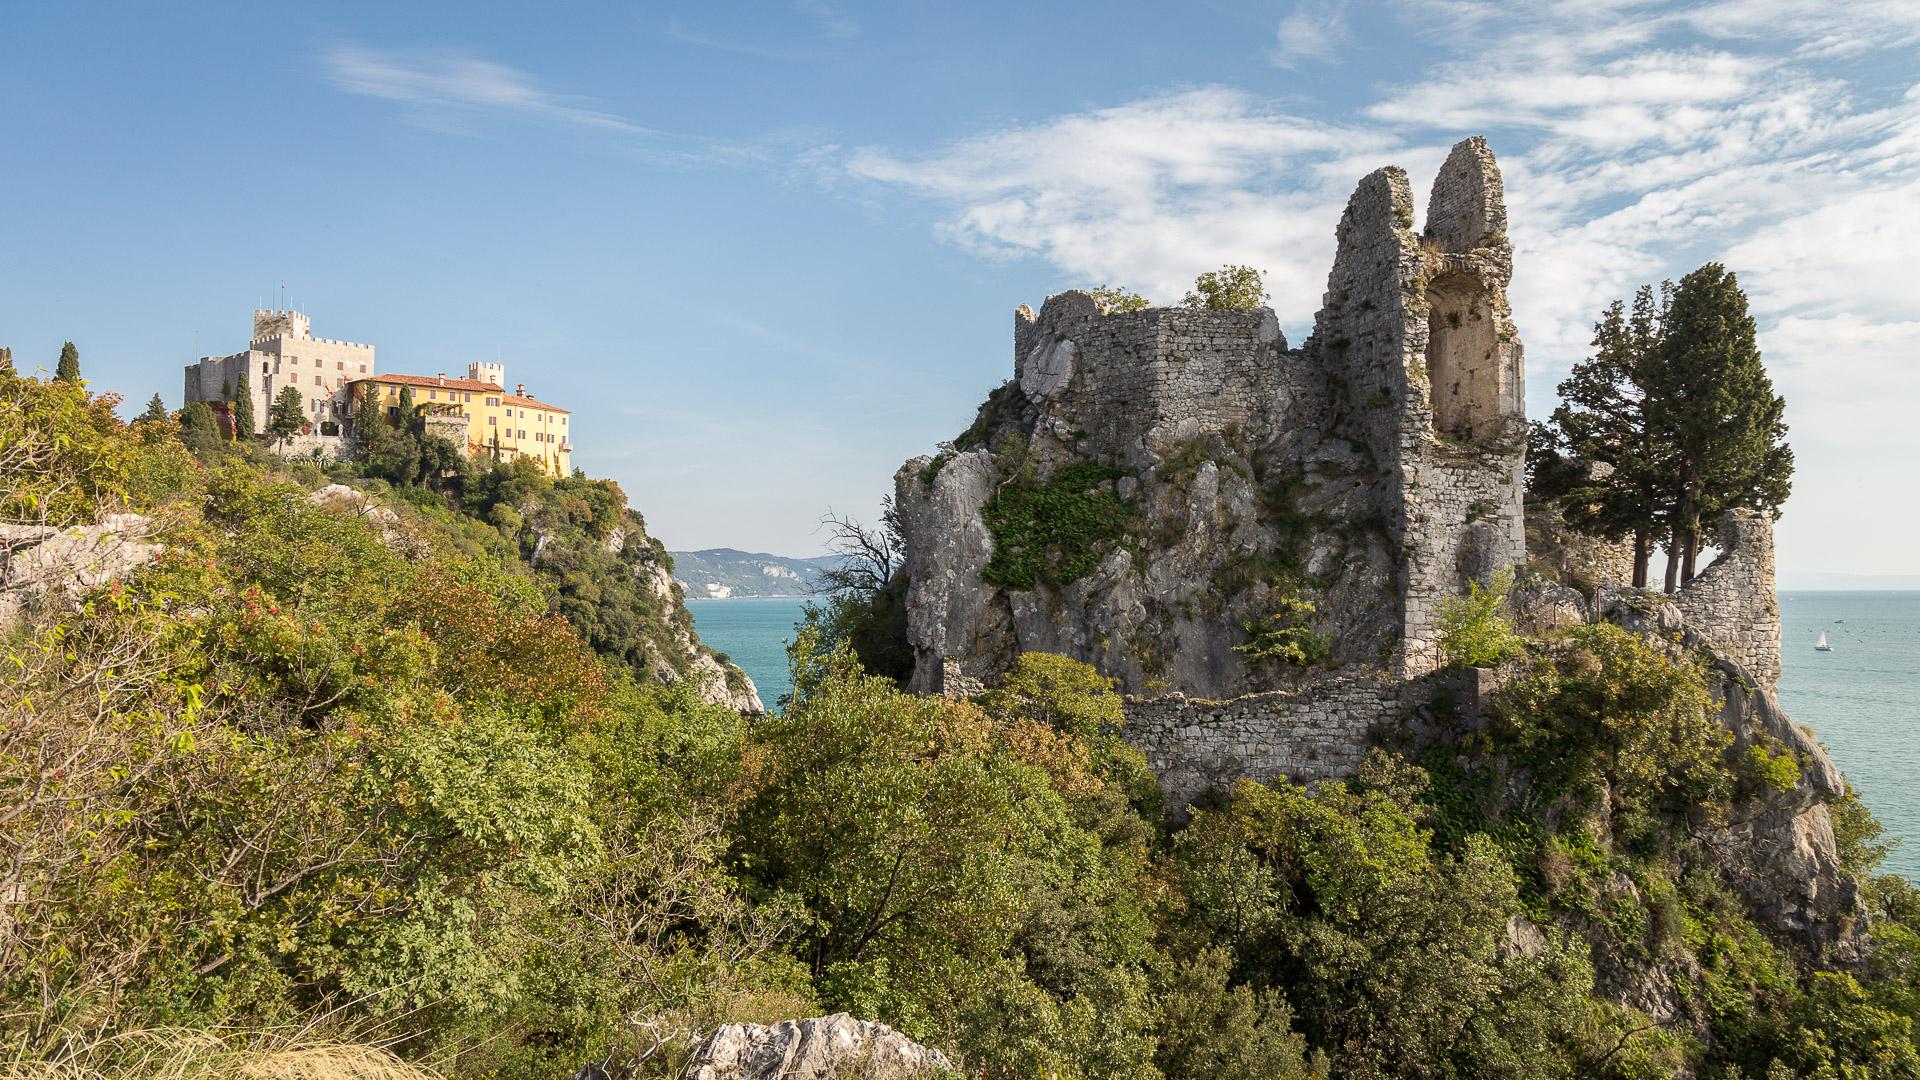 Die Ruinen der Burg und das Schloss Duino dahinter